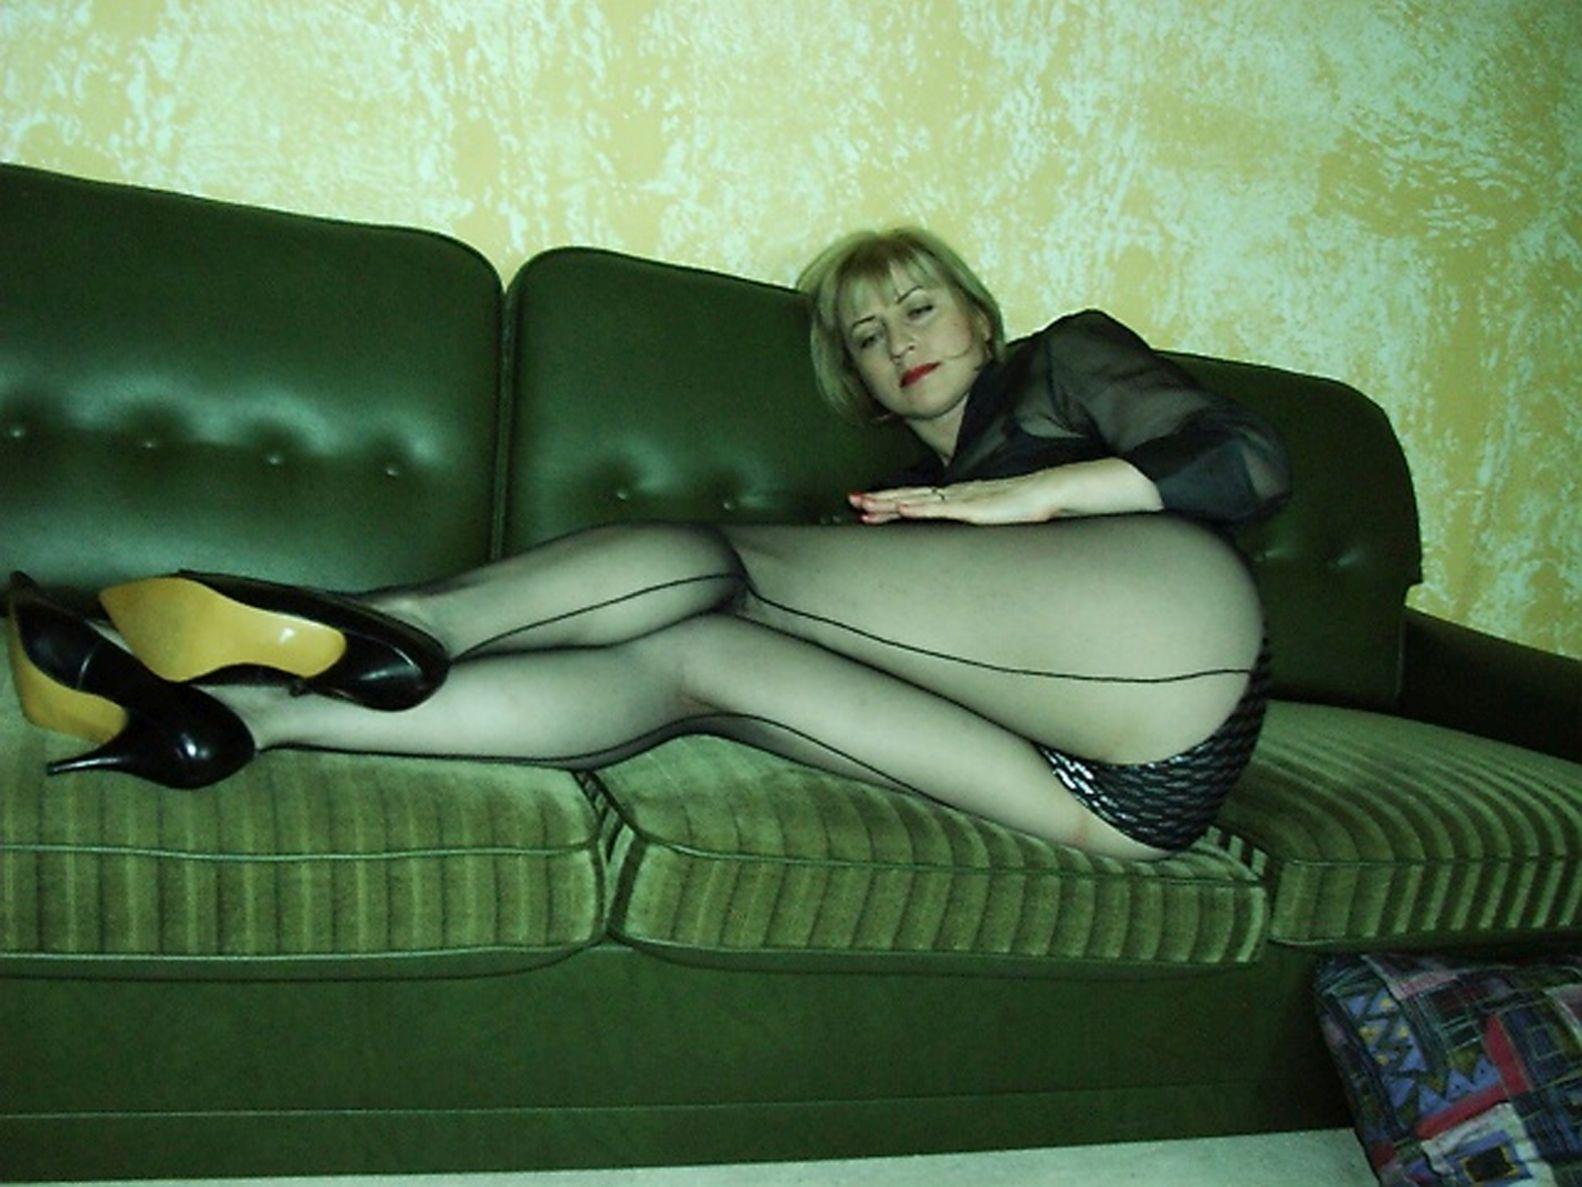 Solomutter sucht intime Zweisamkeit